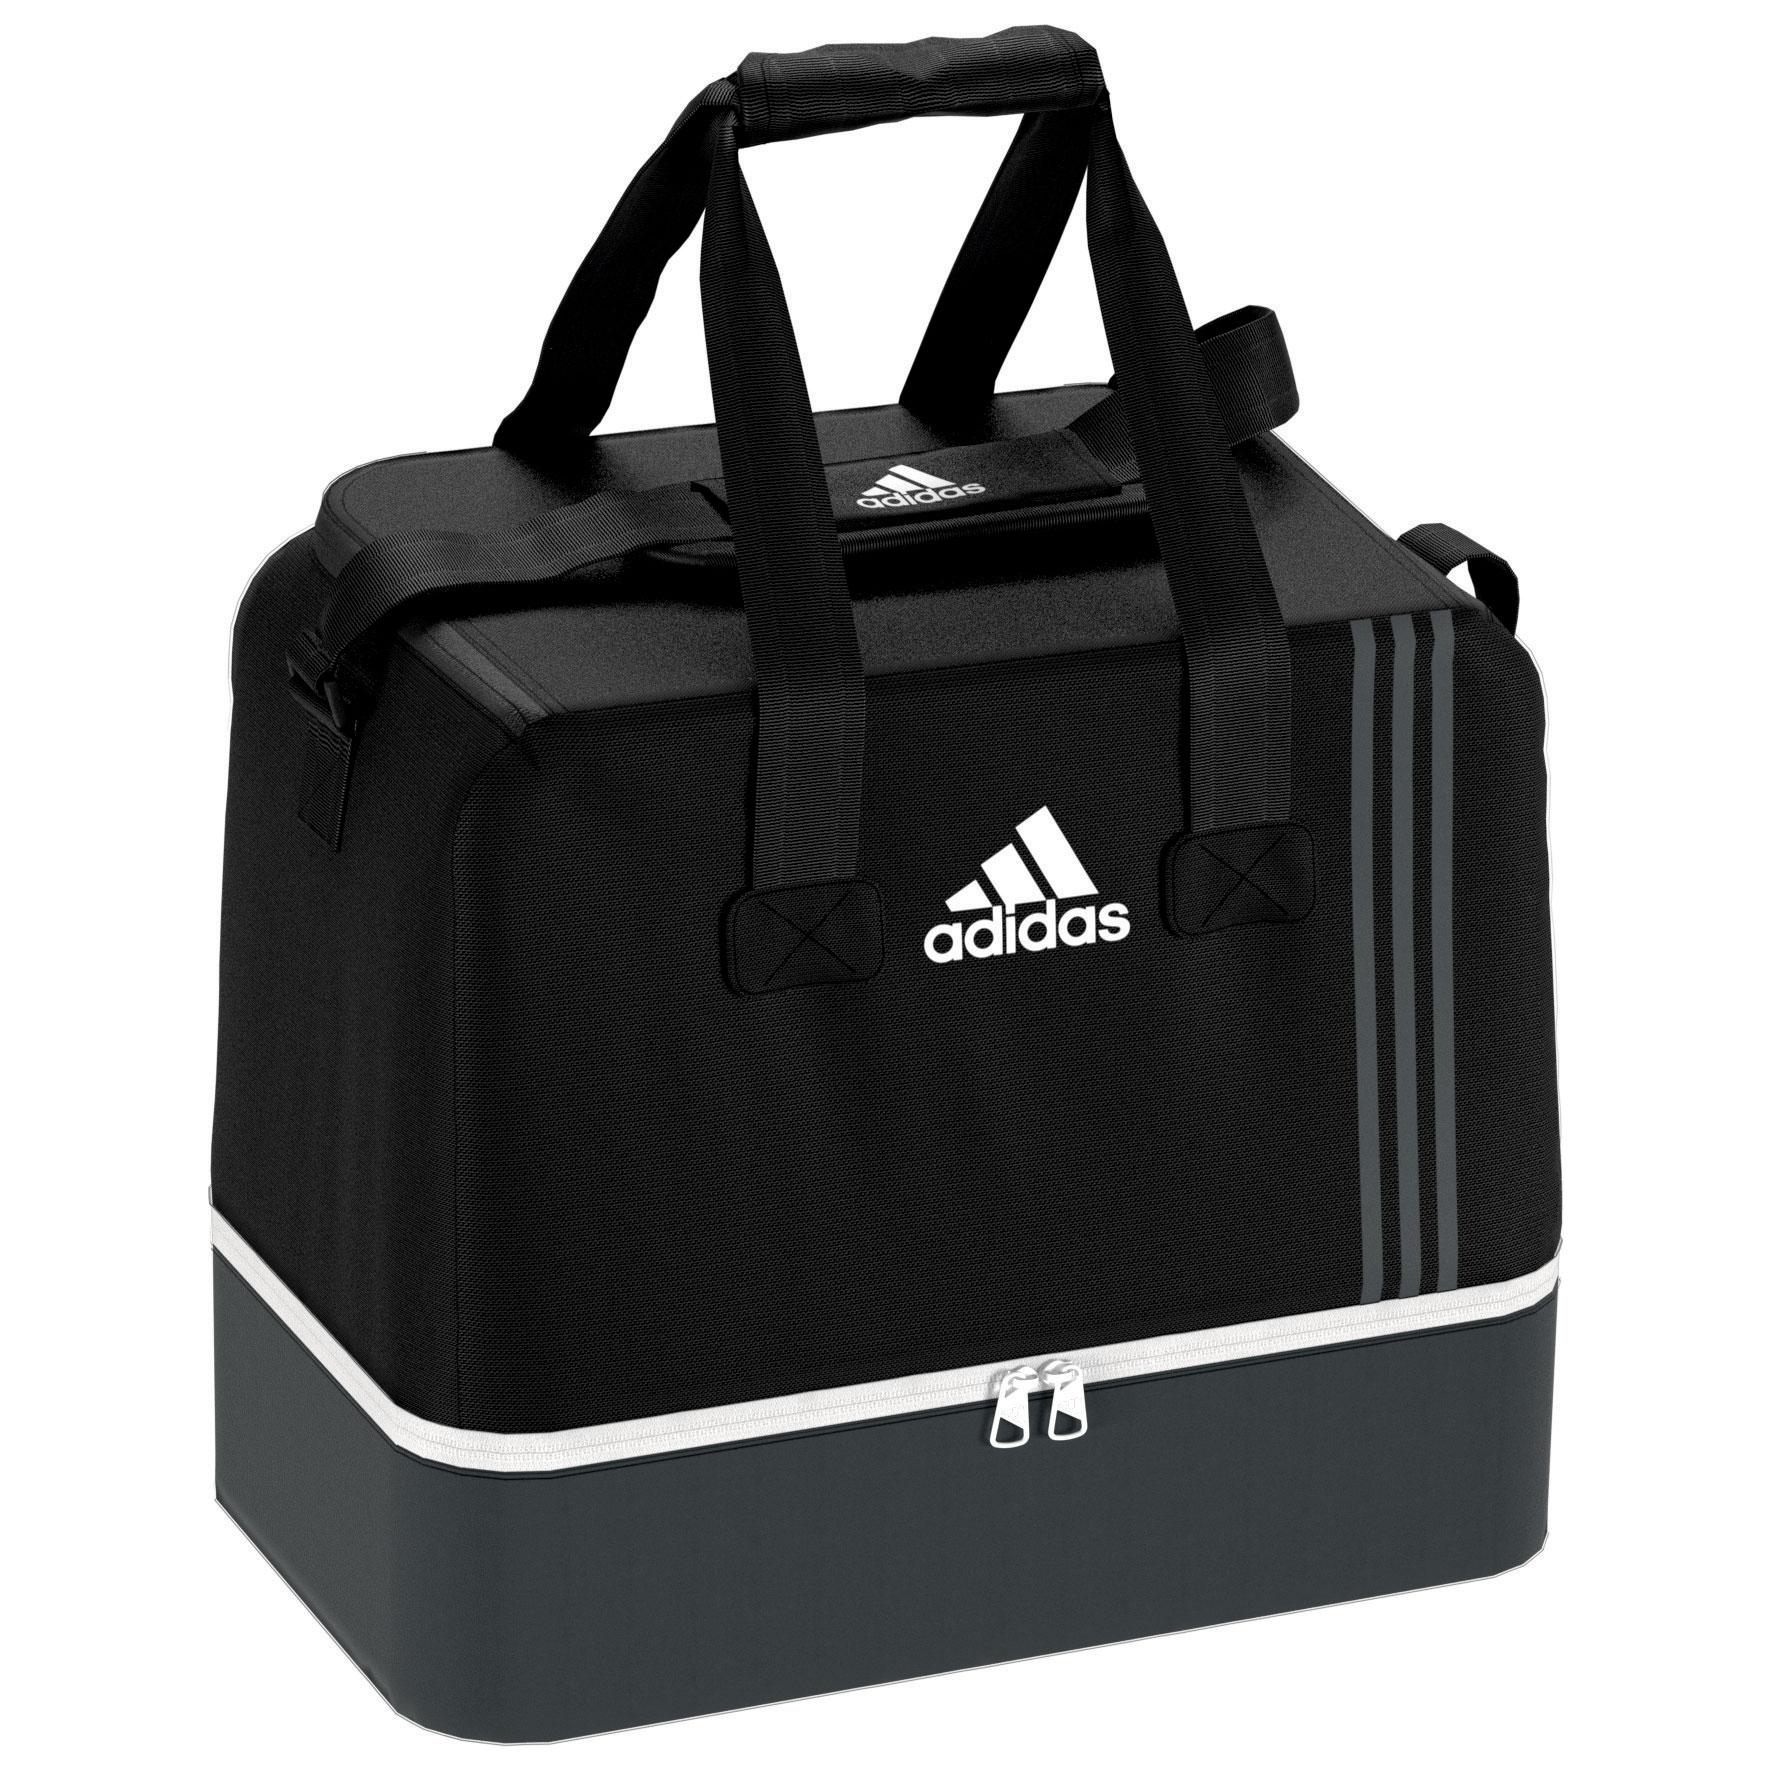 adidas Sporttasche Teambag mit Bodenfach Tiro 17 B46124 S